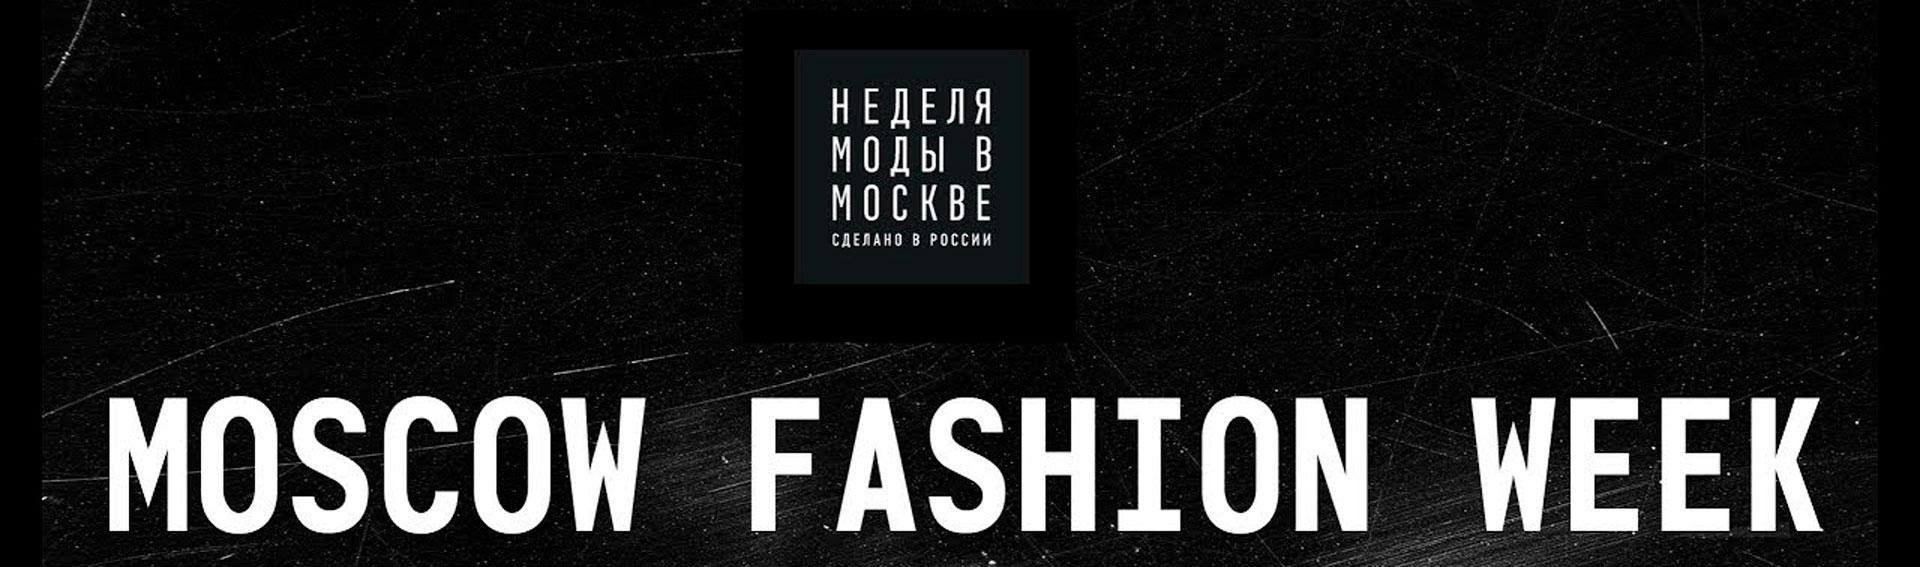 Неделя моды Москве. Moscow Fashion Week